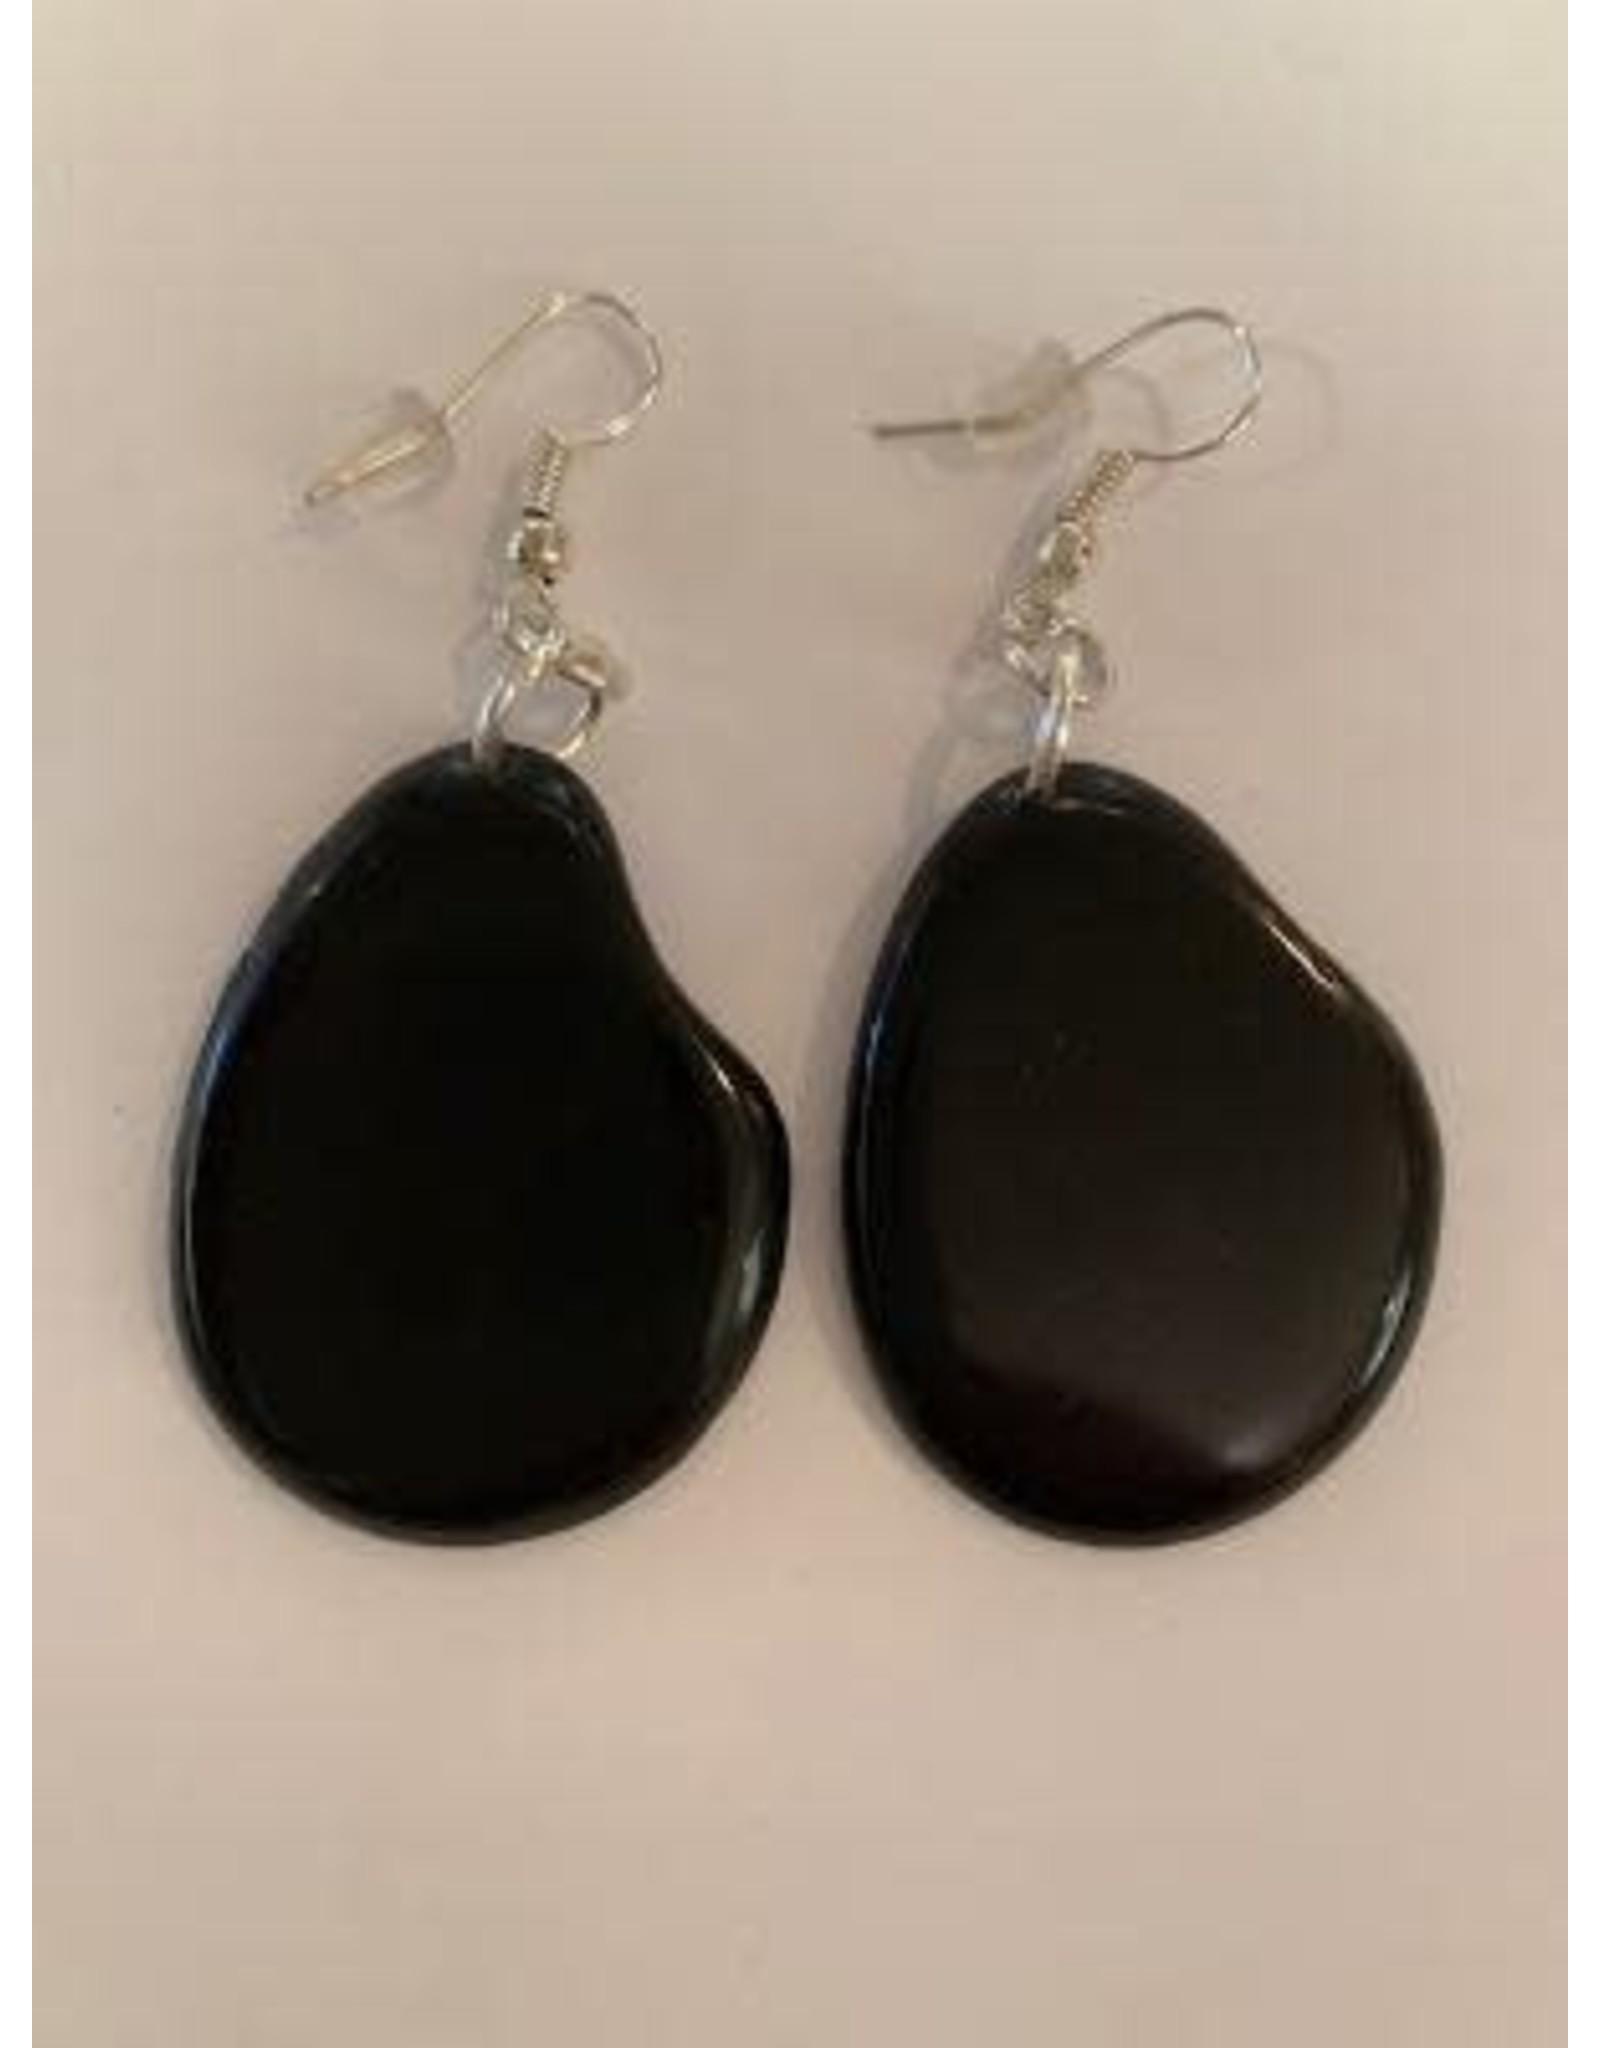 Tagua Fashion  Earrings, Solid Black, Ecuador